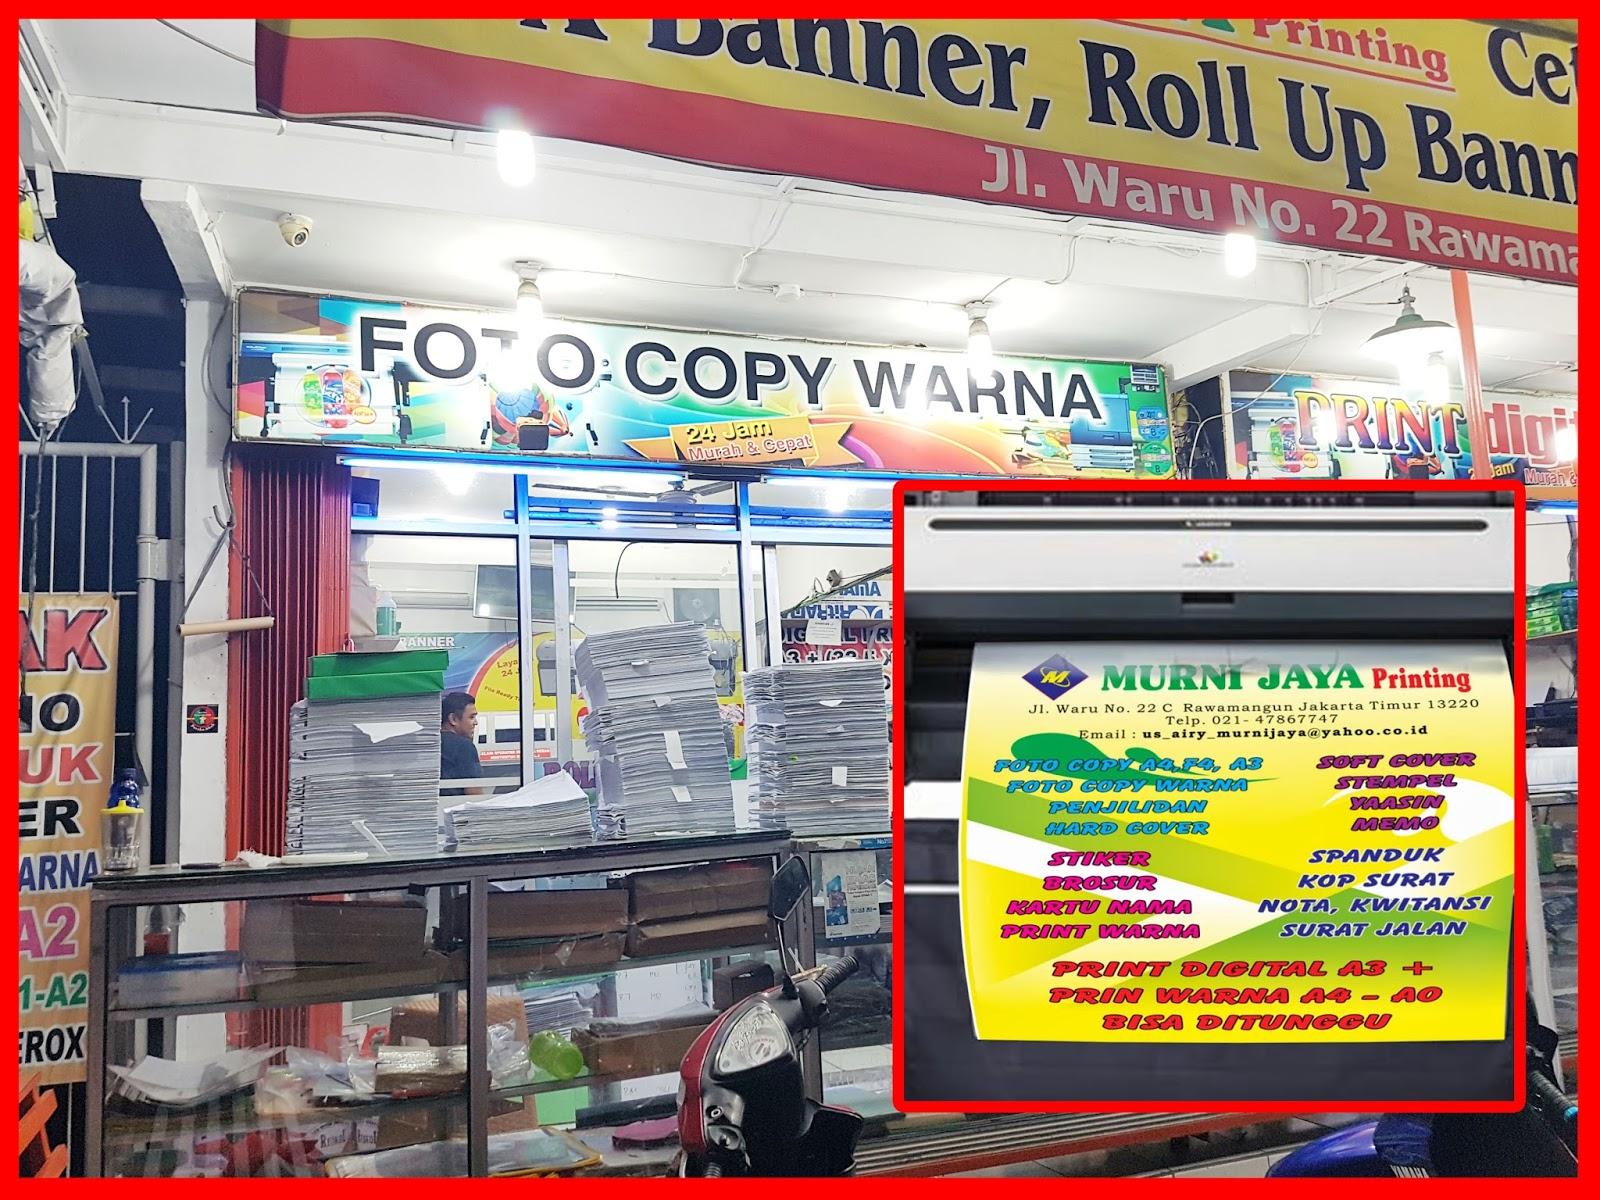 Murni Jaya Printing Jasa Fotocopy Penjilidan Cetak Spanduk Murah 24 Jam Di Jakarta Jasa Fotocopy Warna Layanan 24 Jam Di Jakarta